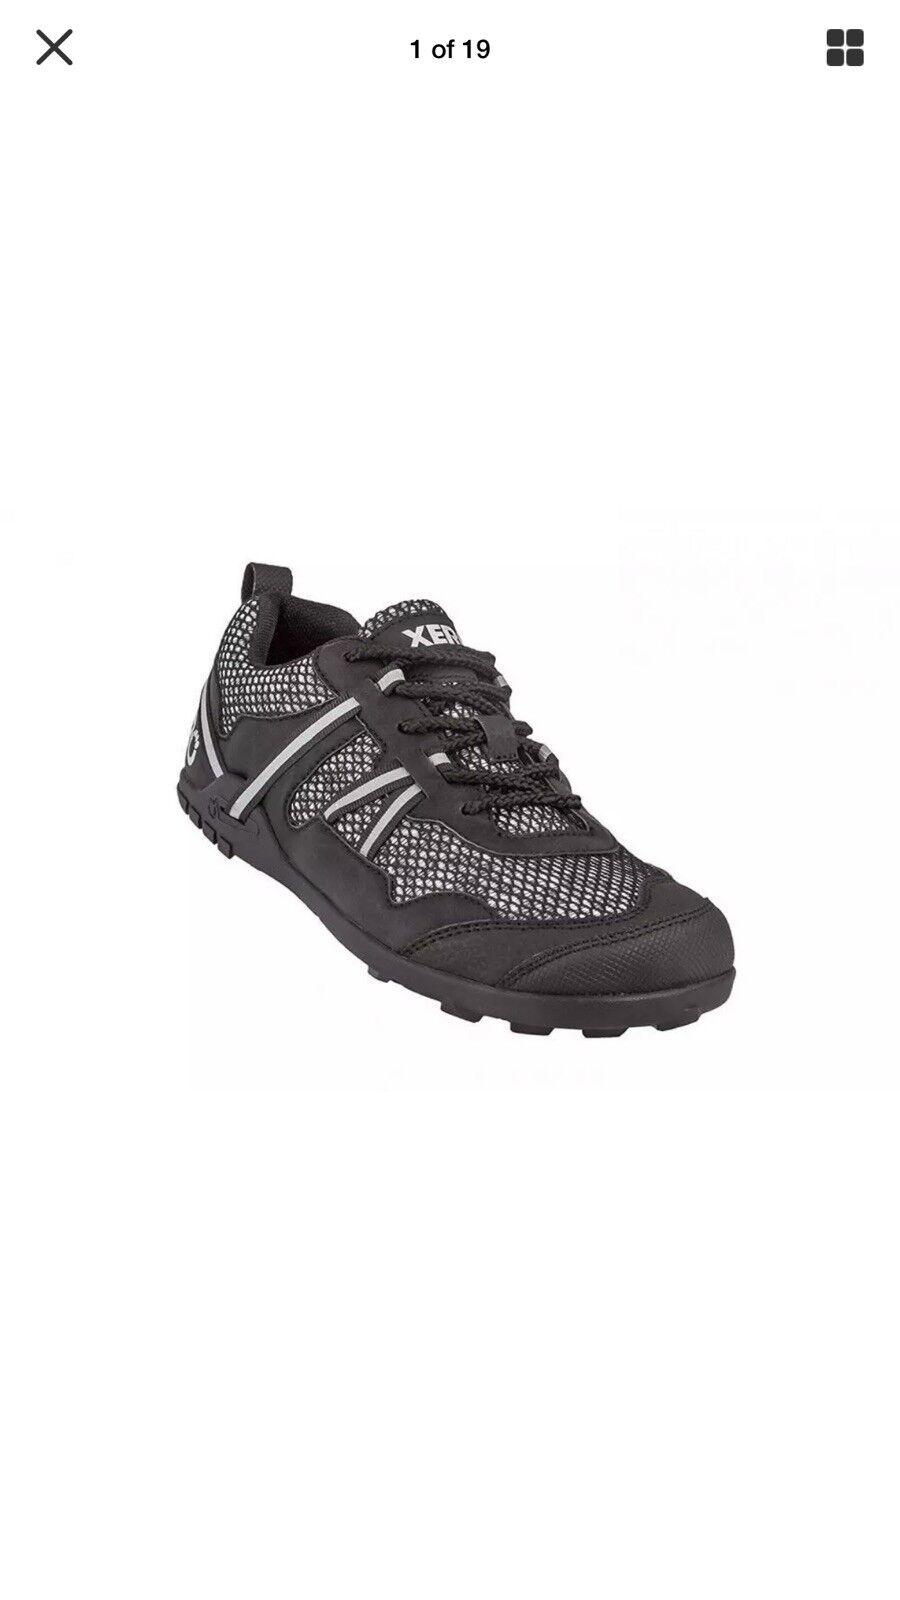 XERO Zapatos Terraflex Para Hombre Trail Corrojoores Lighweight descalzo inspiradas en